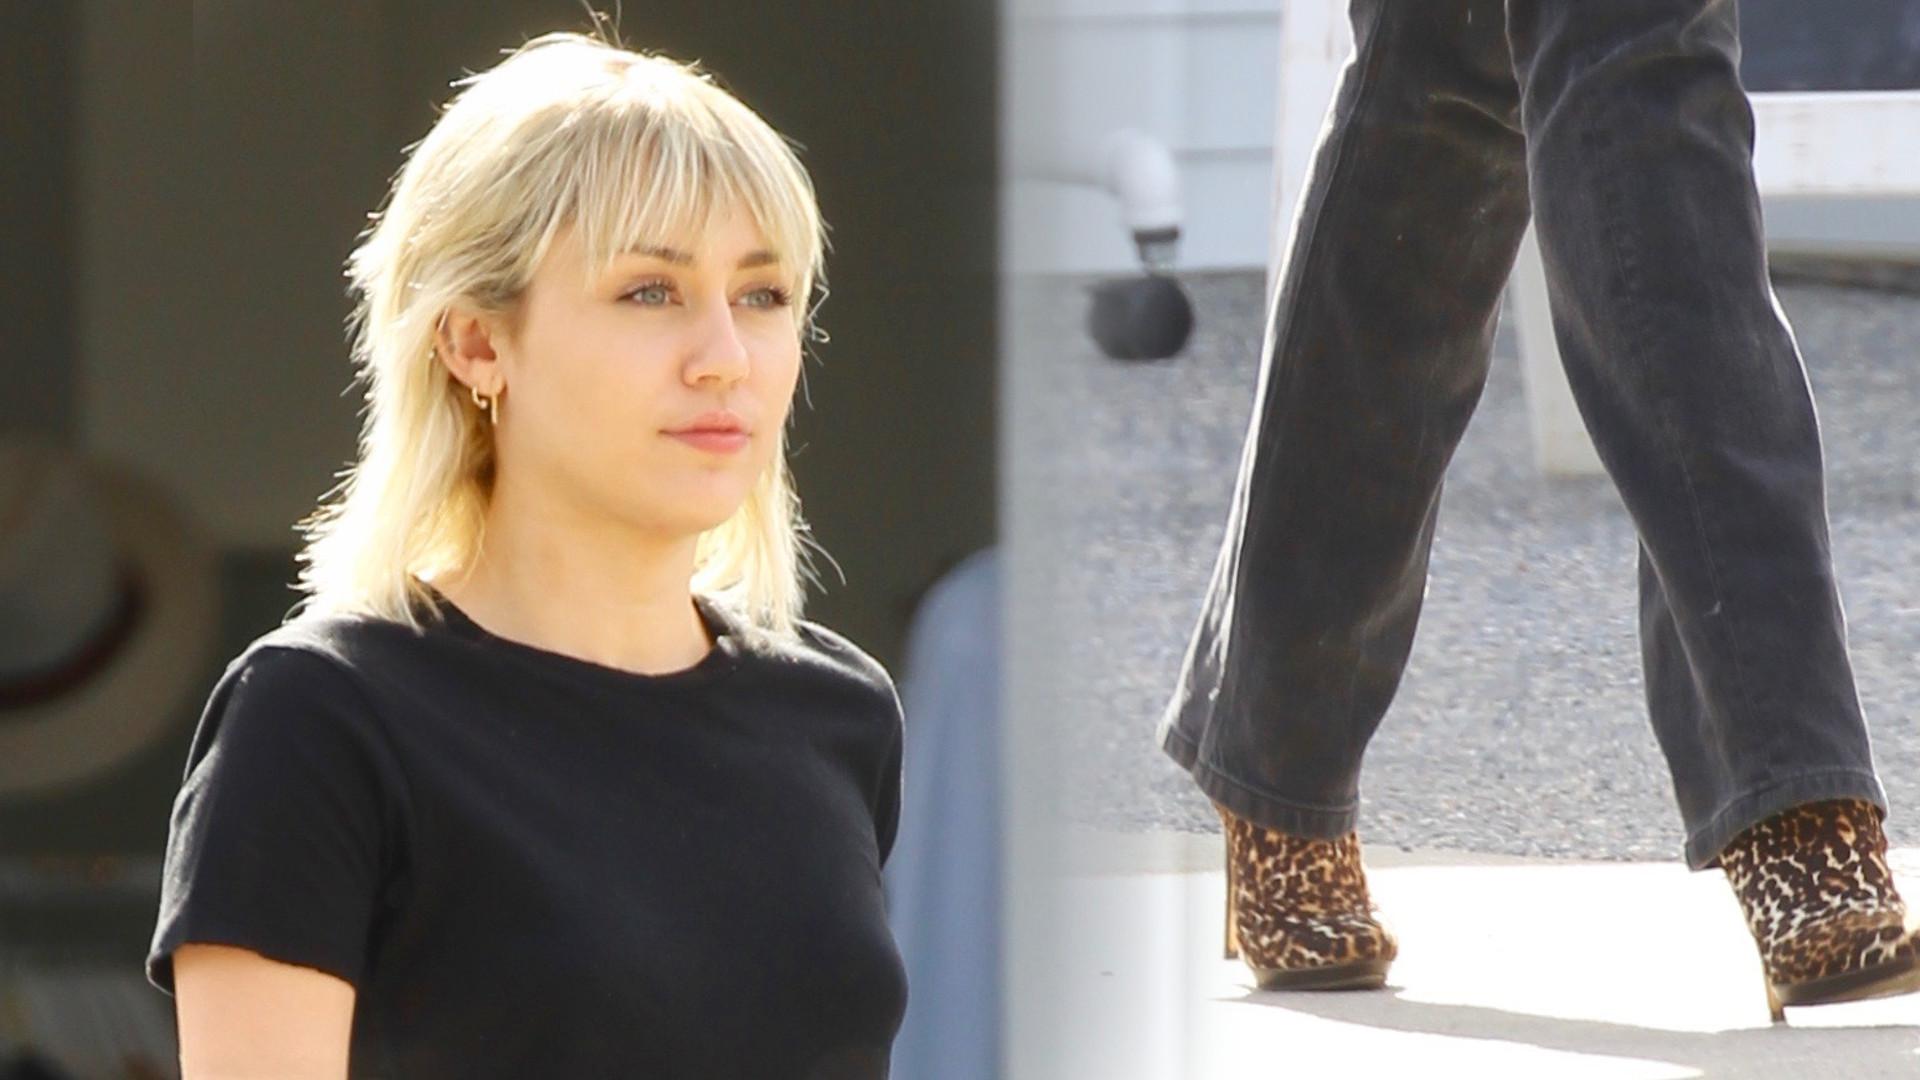 Miley Cyrus powinna nosić TAKIE jeansy cały czas. Ma w nich nogi jak modelka! (ZDJĘCIA)